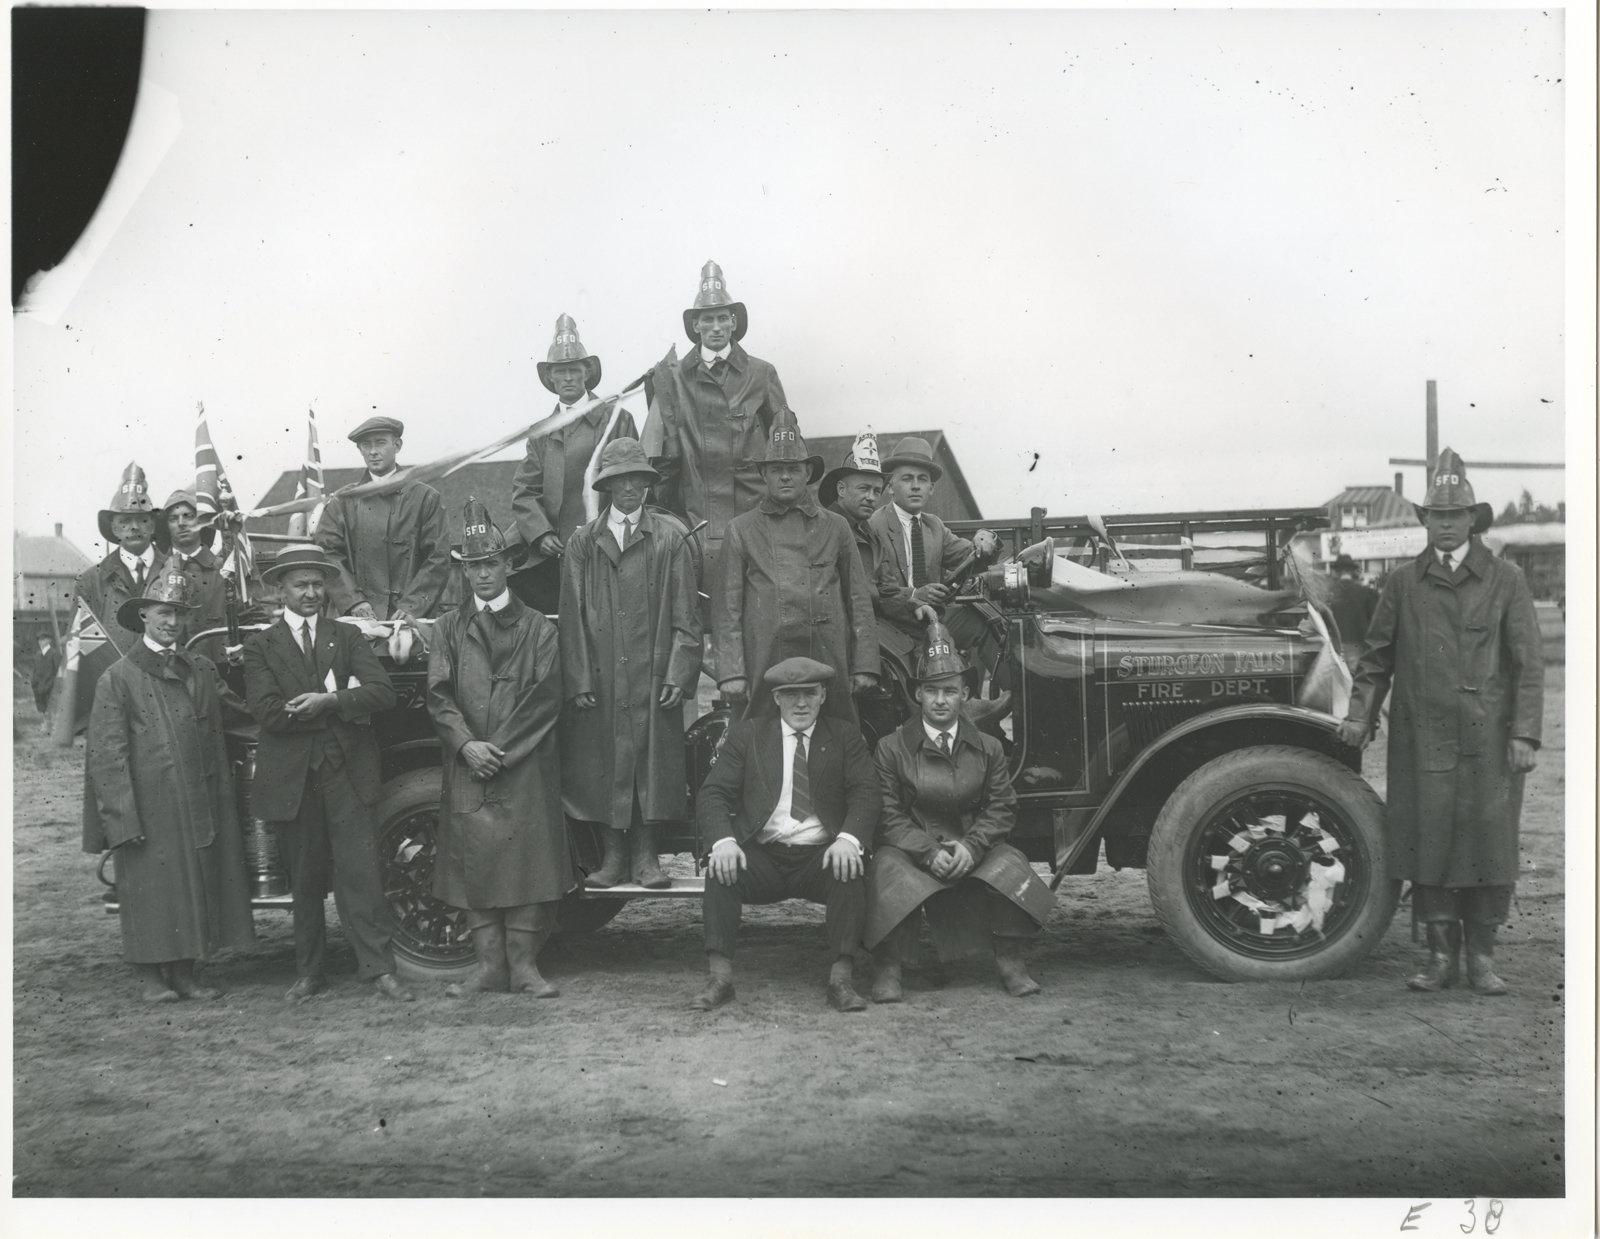 Pompier / Fire men